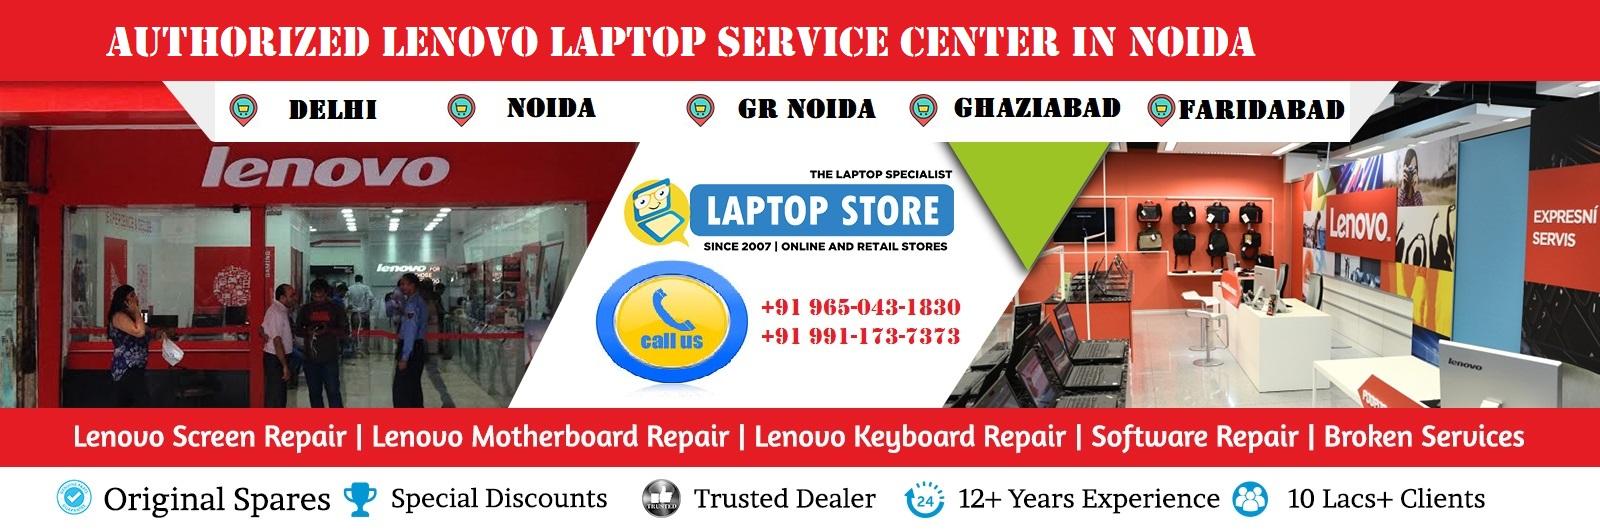 lenovo service center in noida sector 41